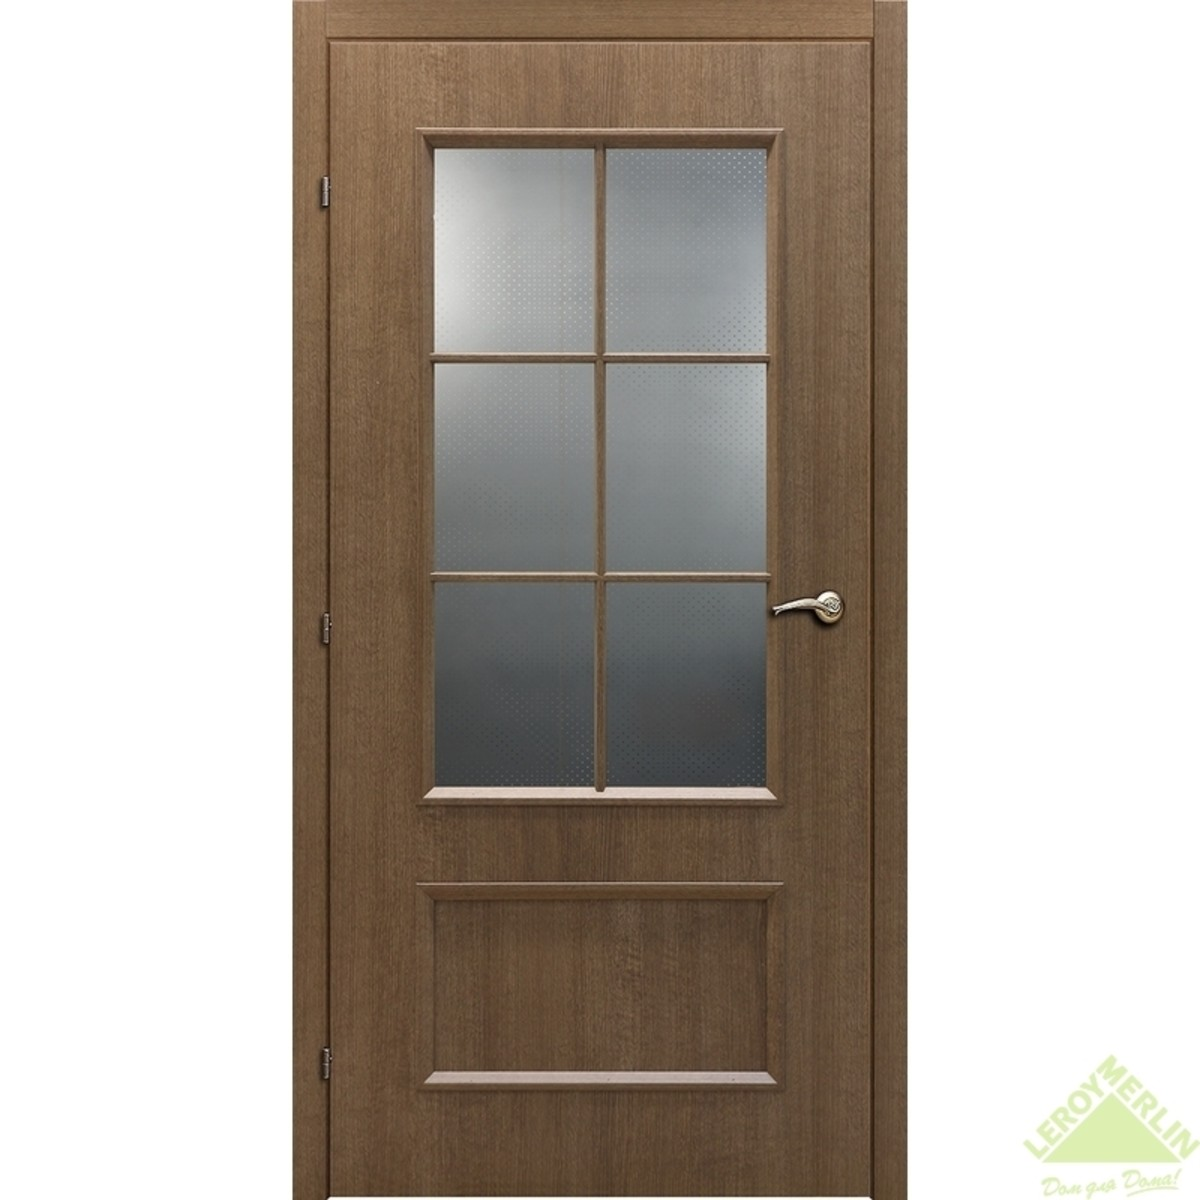 Дверь Межкомнатная Остеклённая 5003 Кд 21-10 Дуб Риэль С Фурнитурой